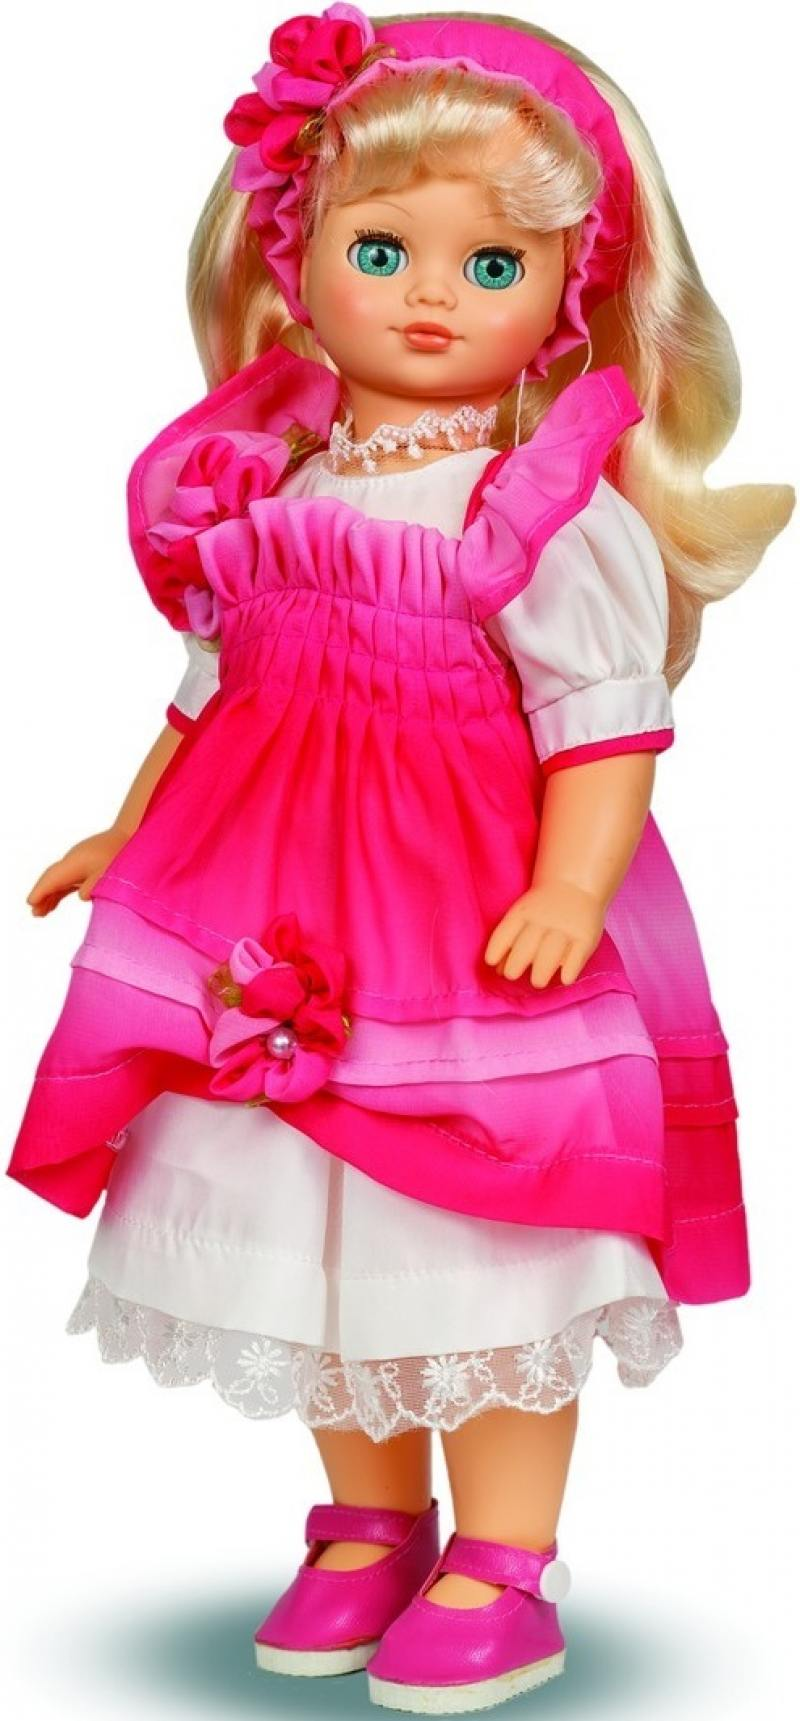 Кукла ВЕСНА Лиза 15 (озвученная) весна кукла весна лиза 4 озвученная 42 см